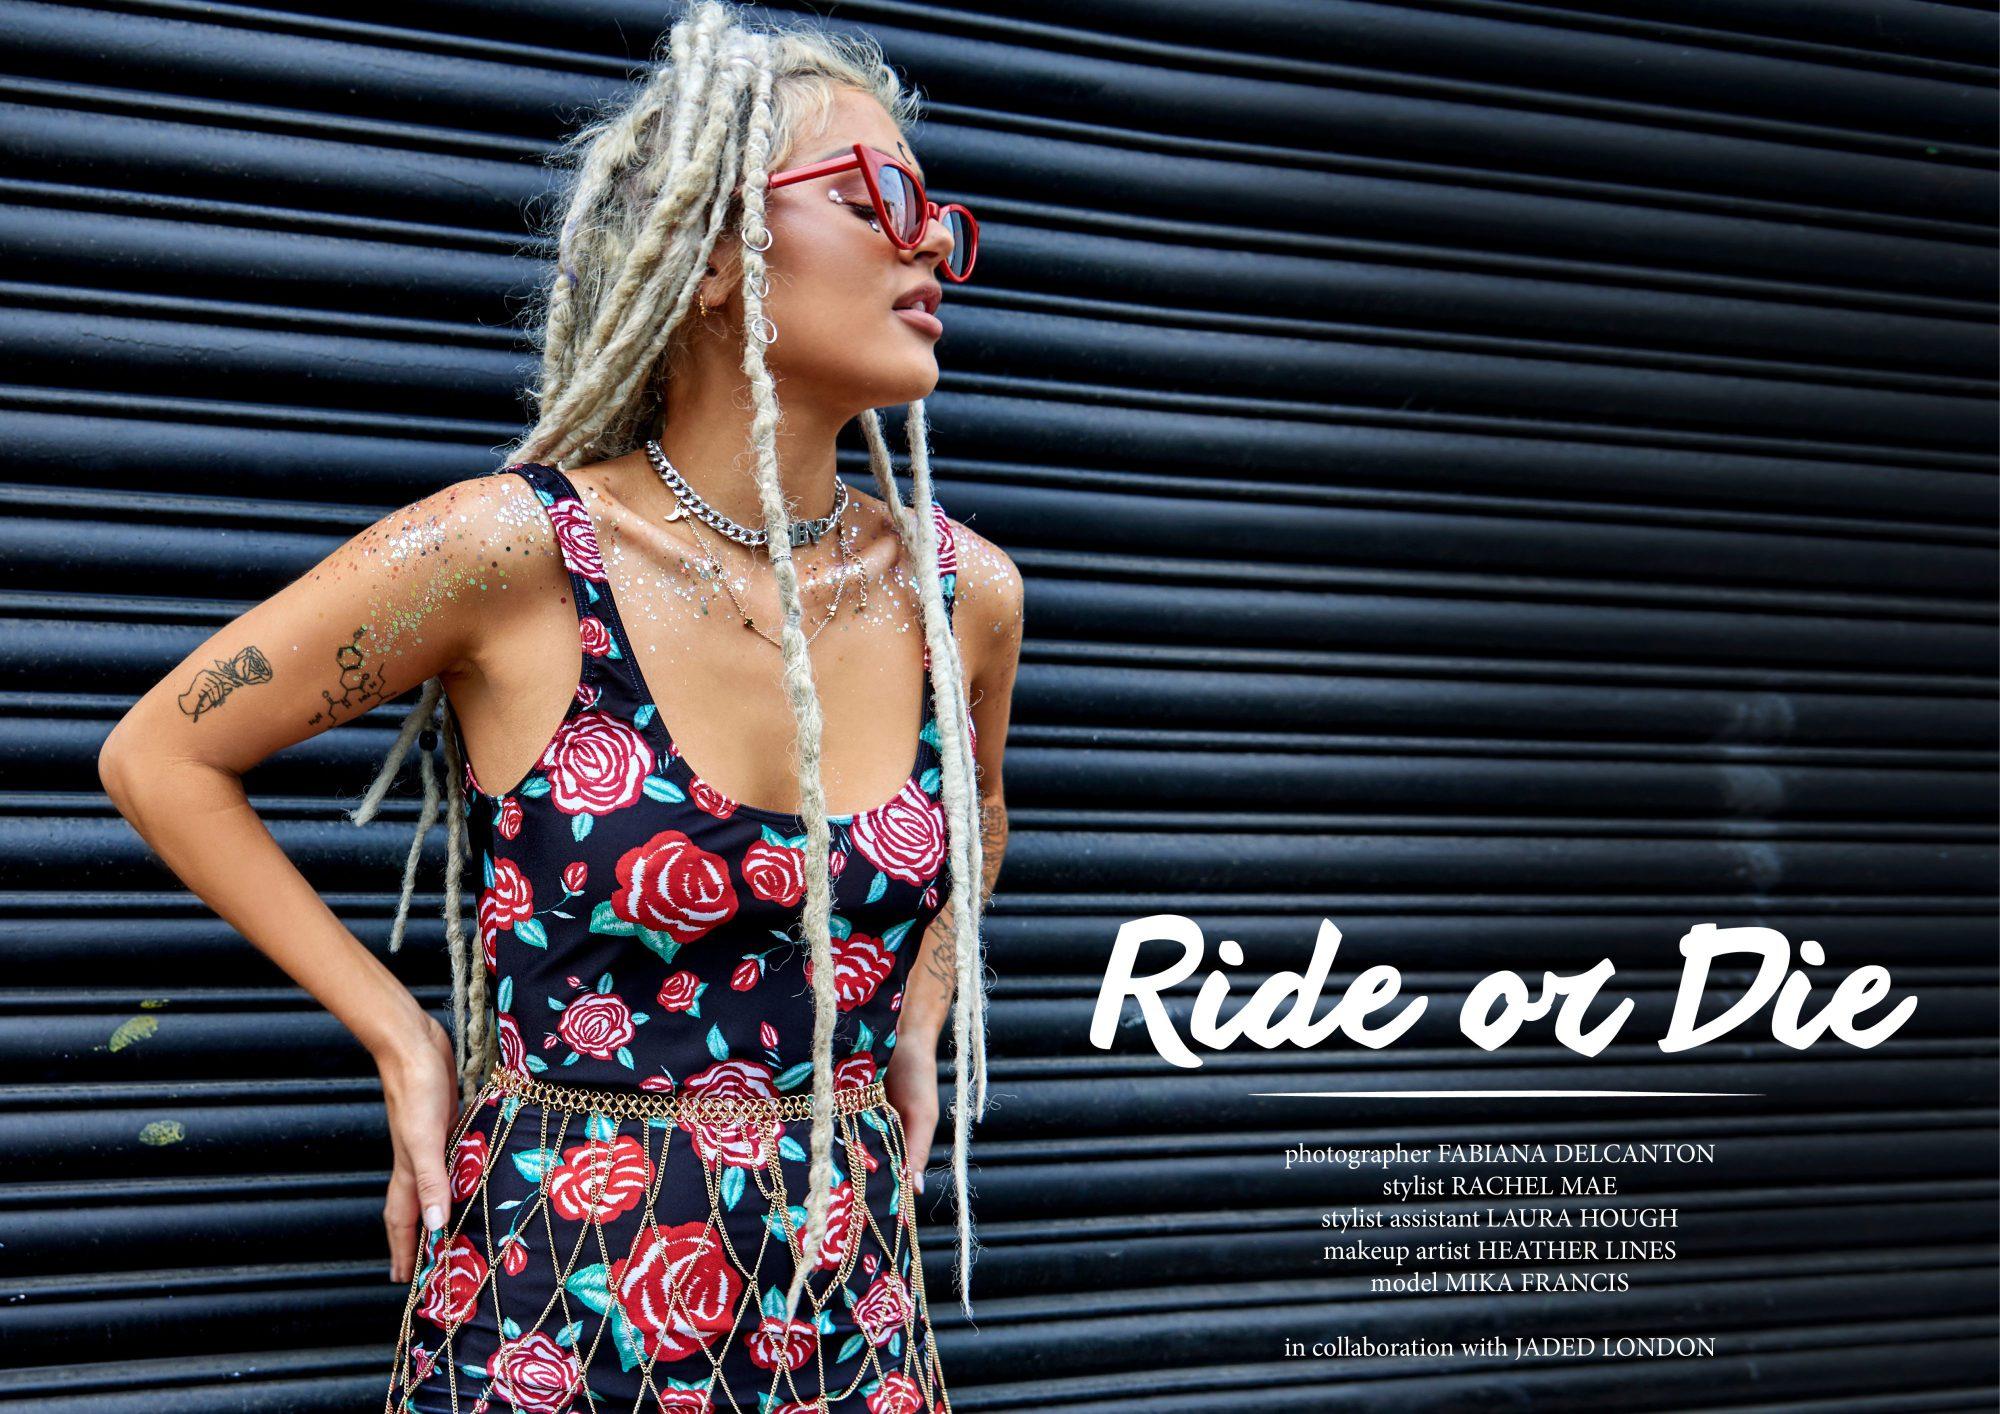 ride-or-die2-e1497738577715.jpg